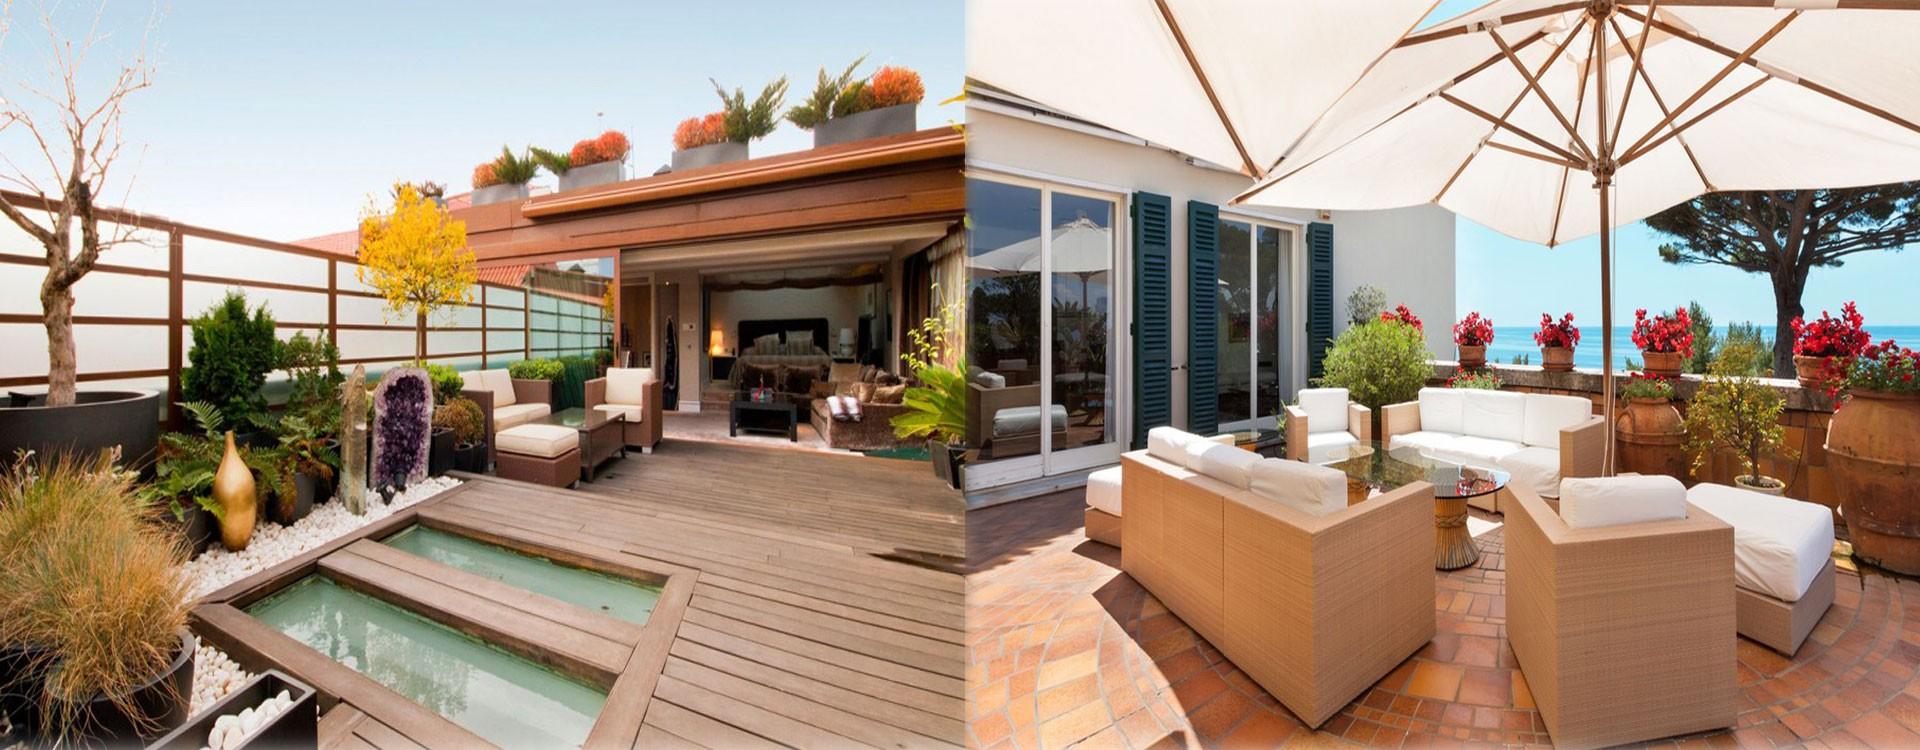 Balcone Lungo E Stretto arredare il terrazzo e il balcone: consigli pratici e tante